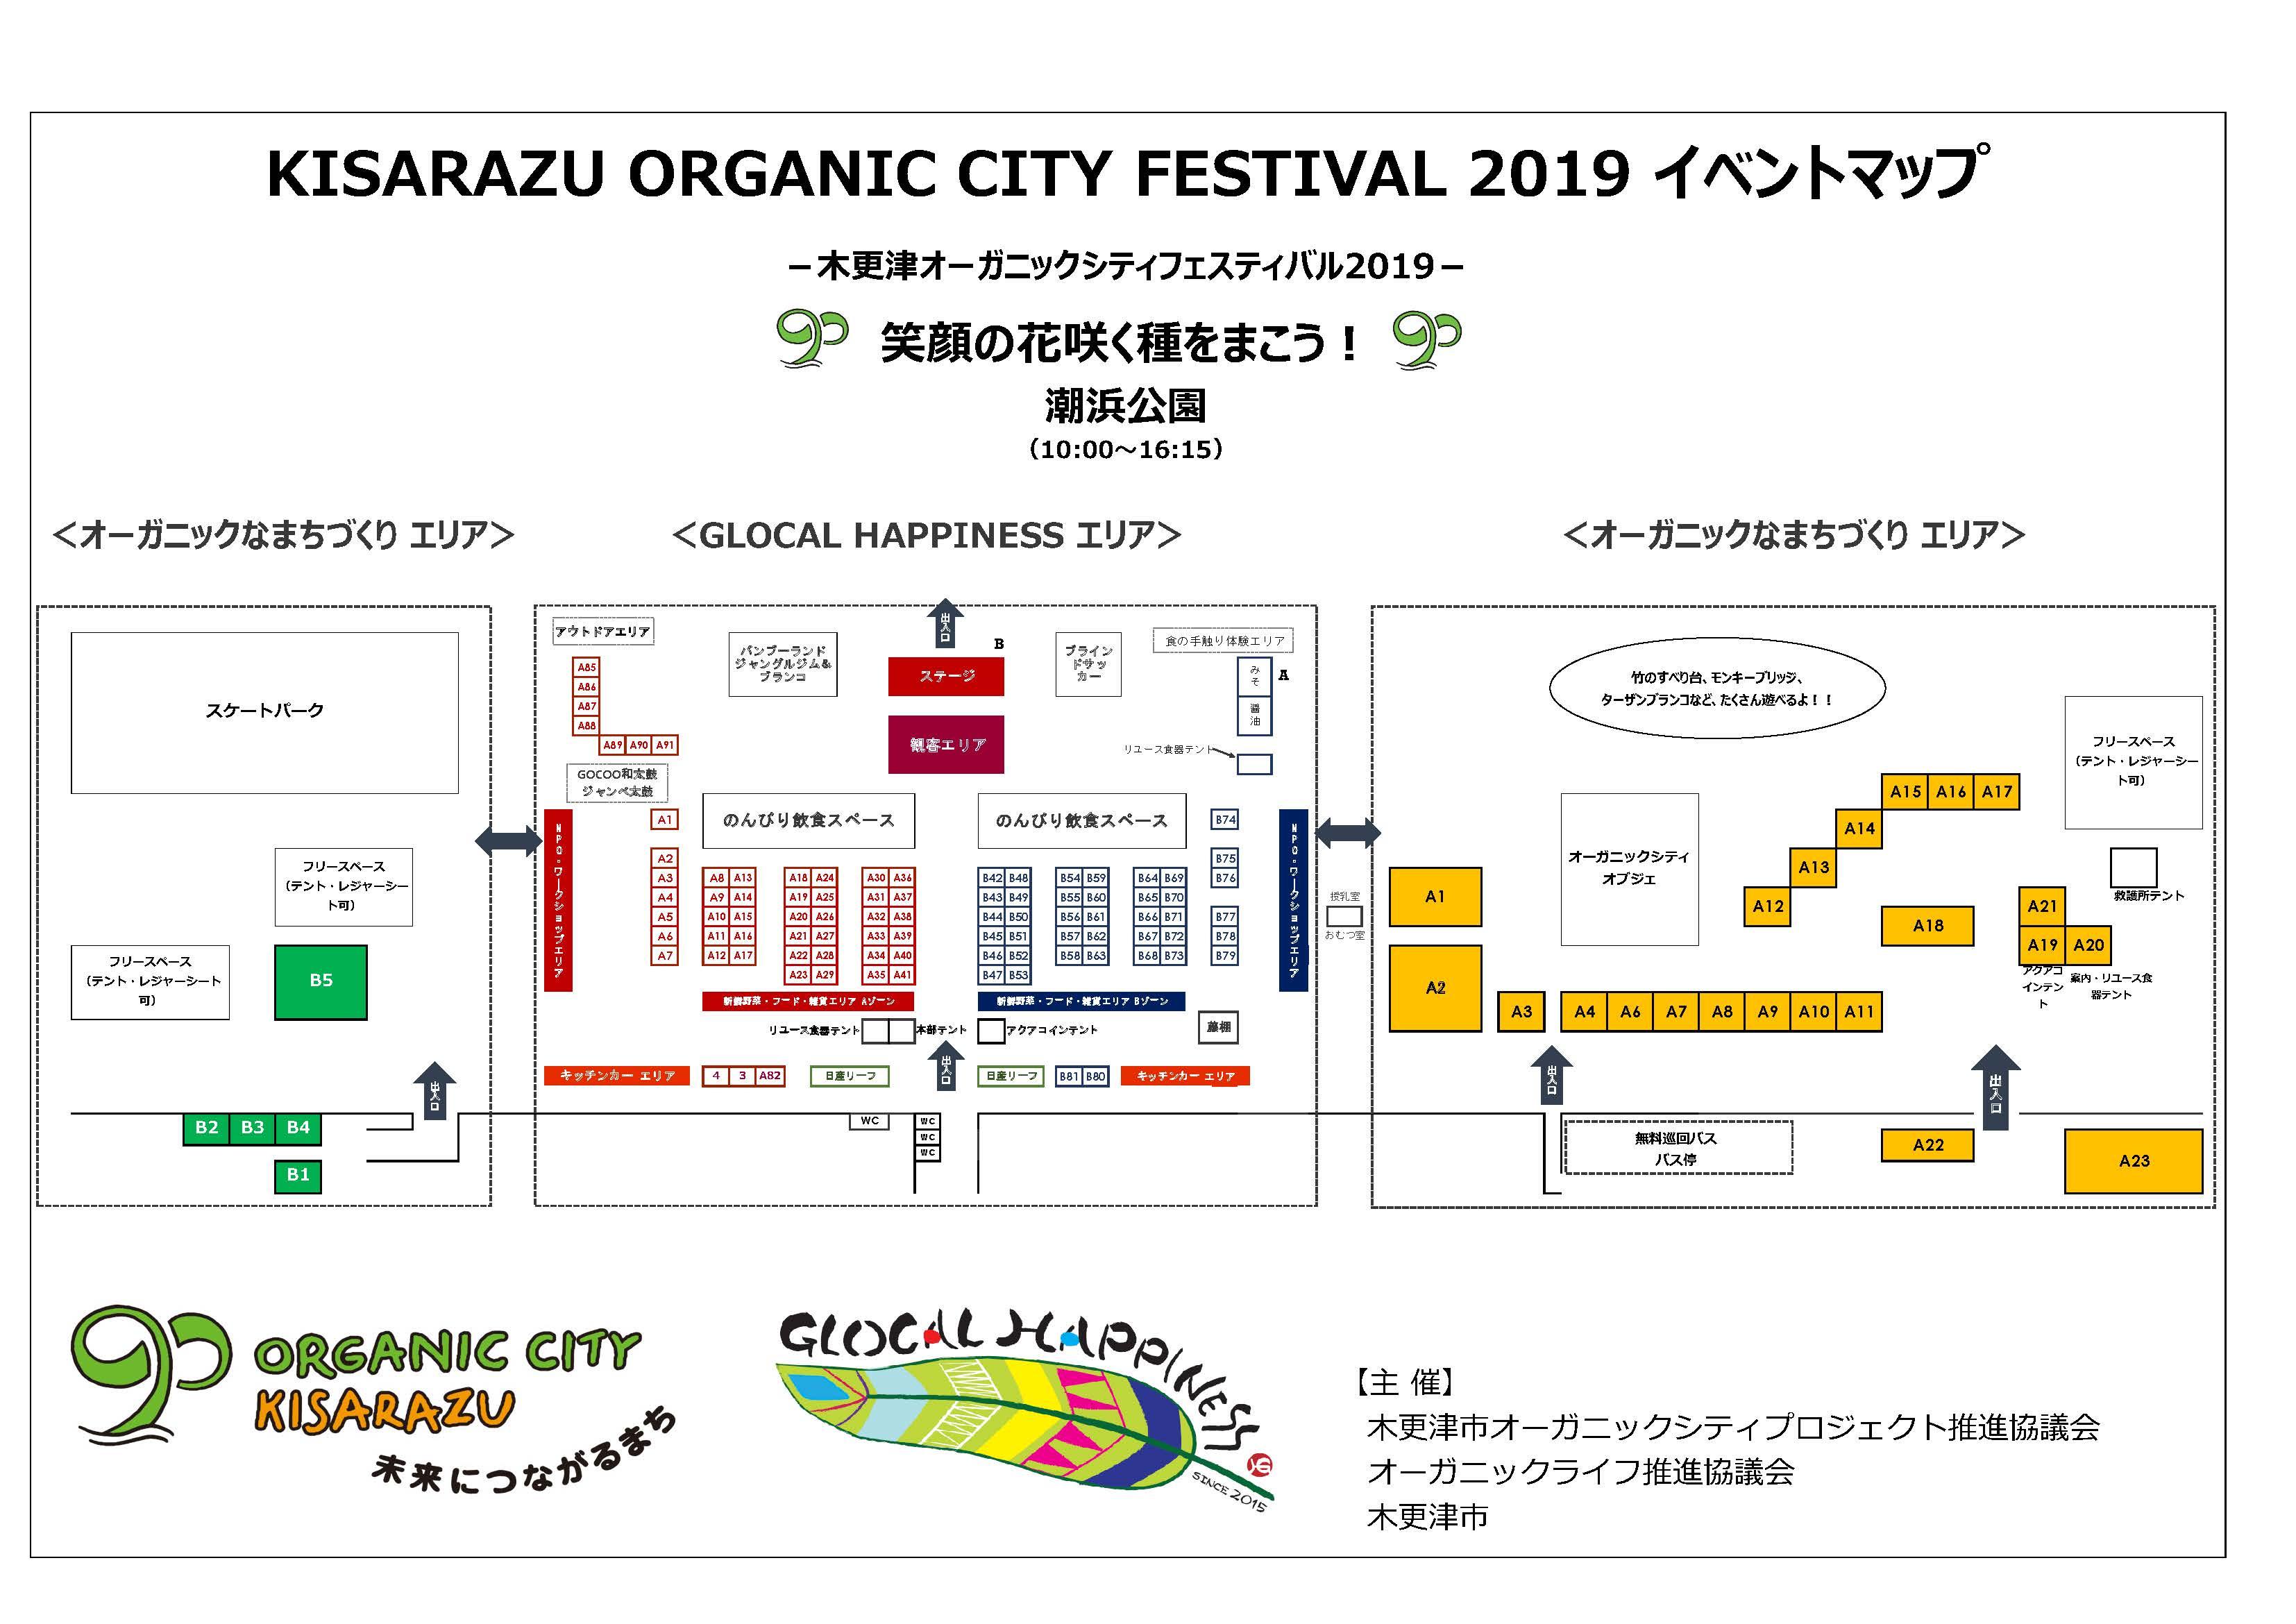 イベントマップ